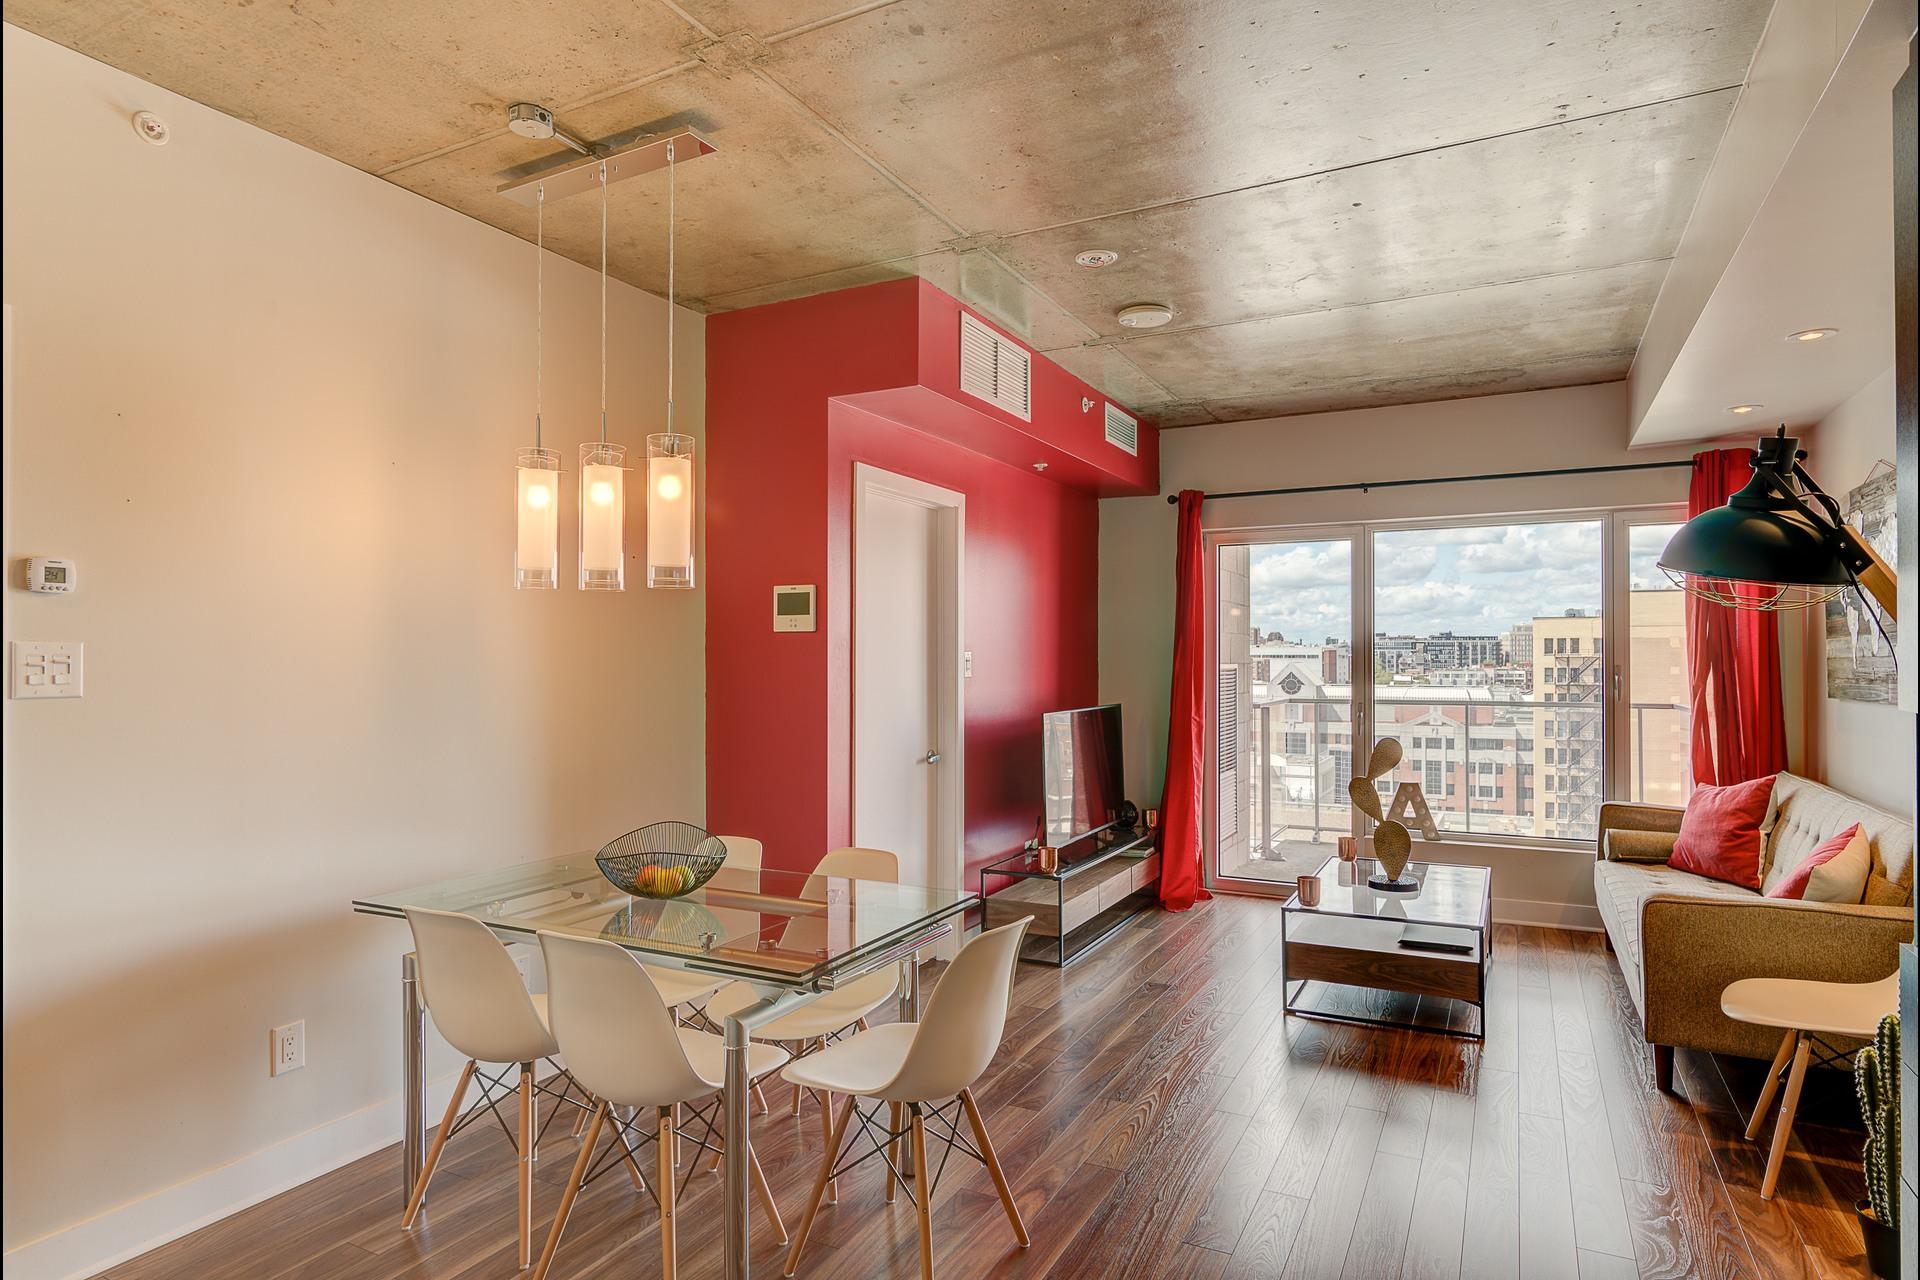 image 1 - MX - Condominio vertical - MX Para alquiler Montréal - 3 habitaciones